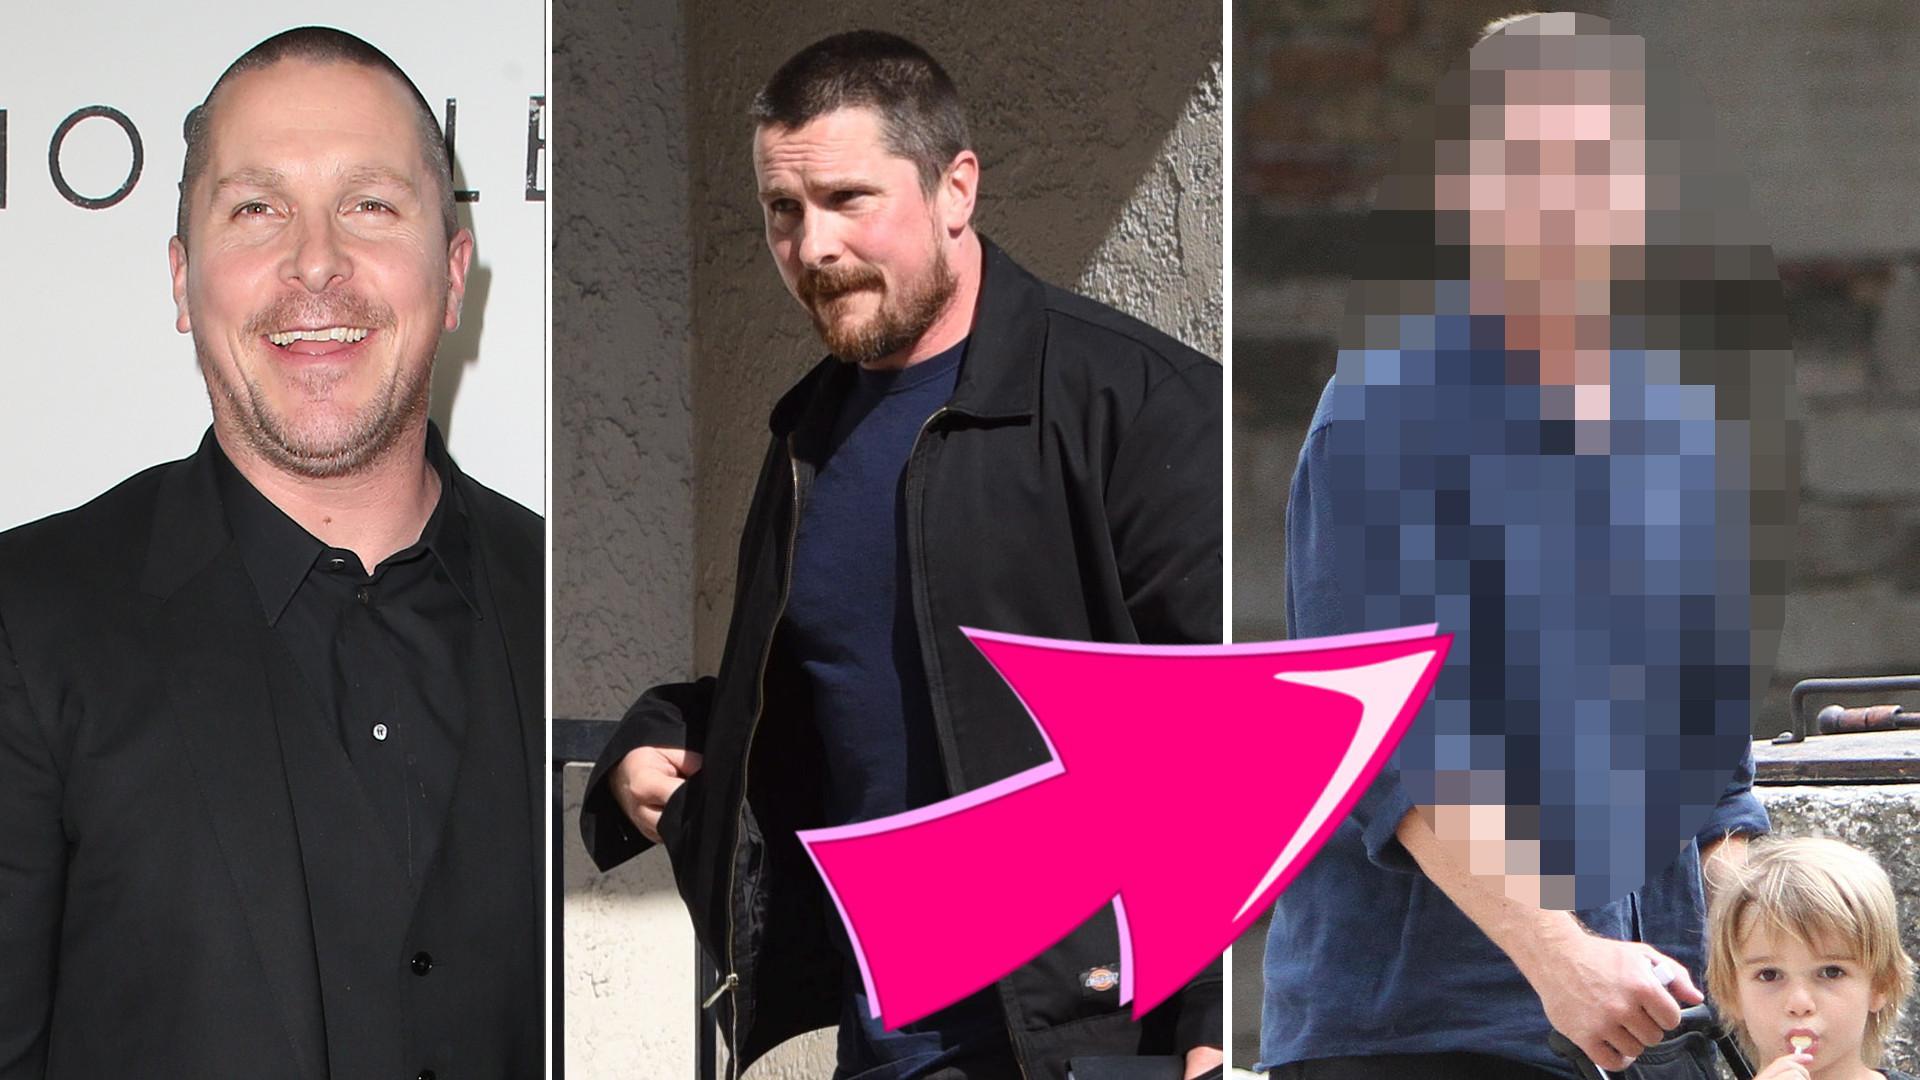 Christian Bale znów DRASTYCZNIE schudł (ZDJĘCIA)